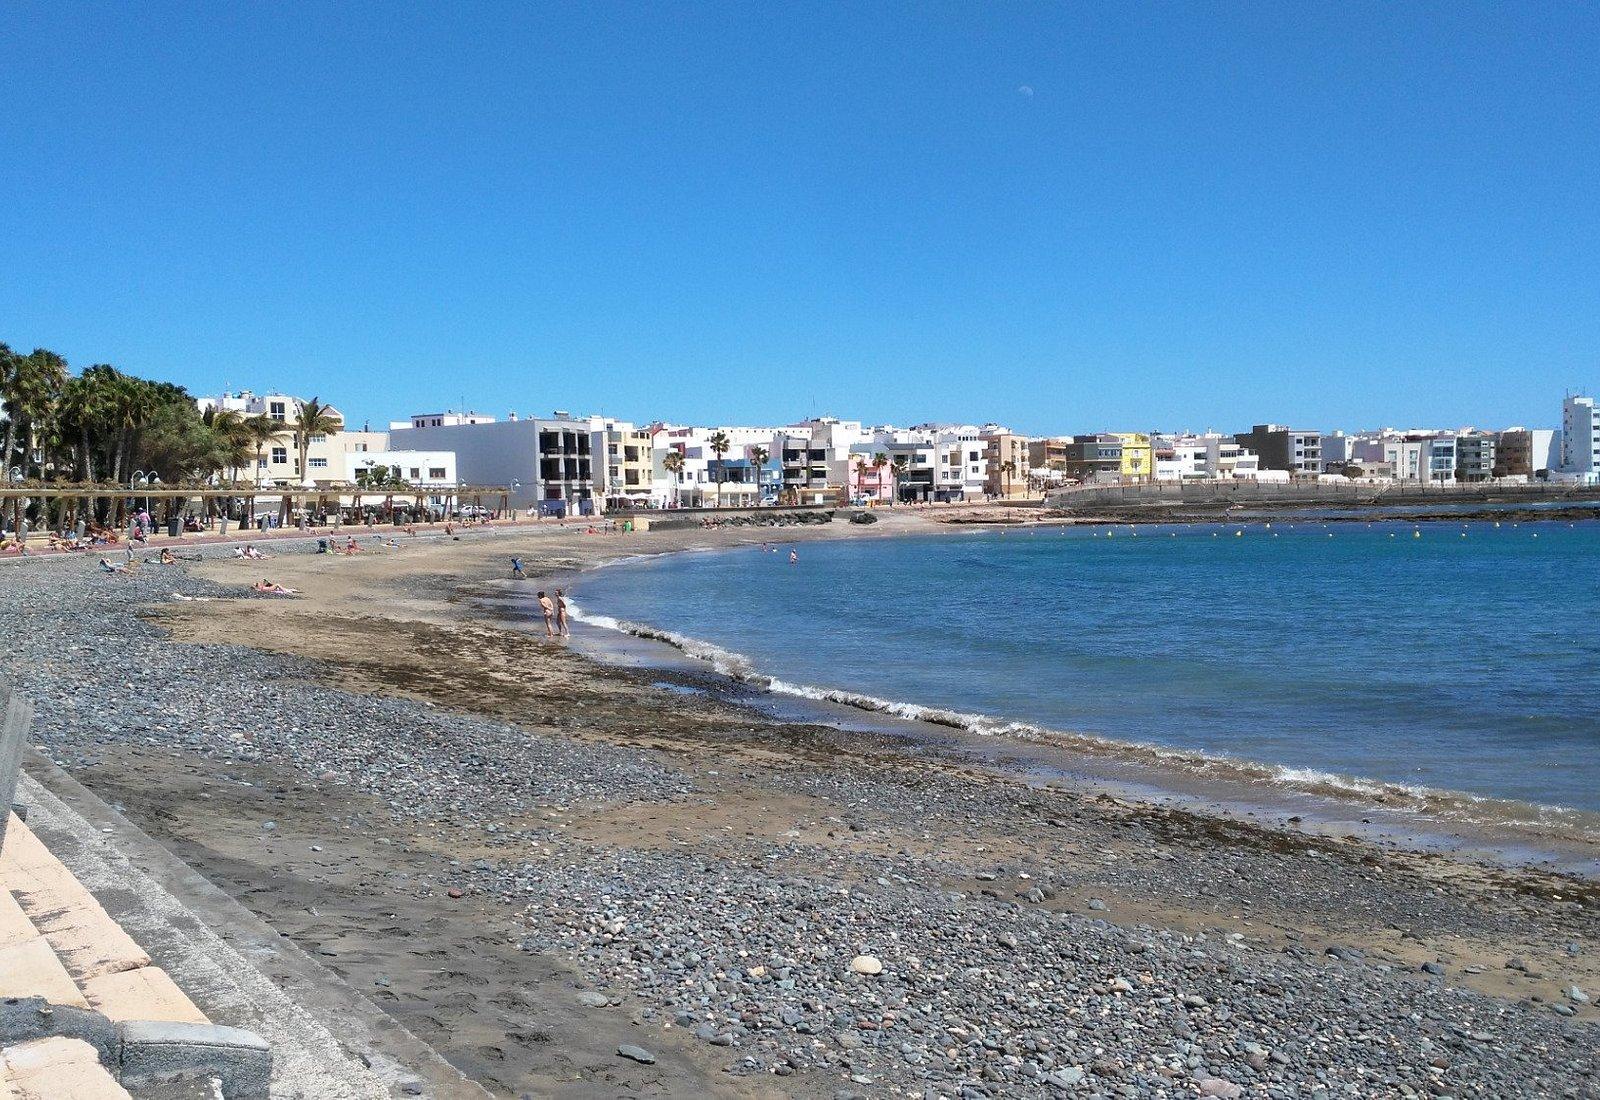 Playa de Arinaga. De piedra negra y rocas. Grande. Buenos servicios